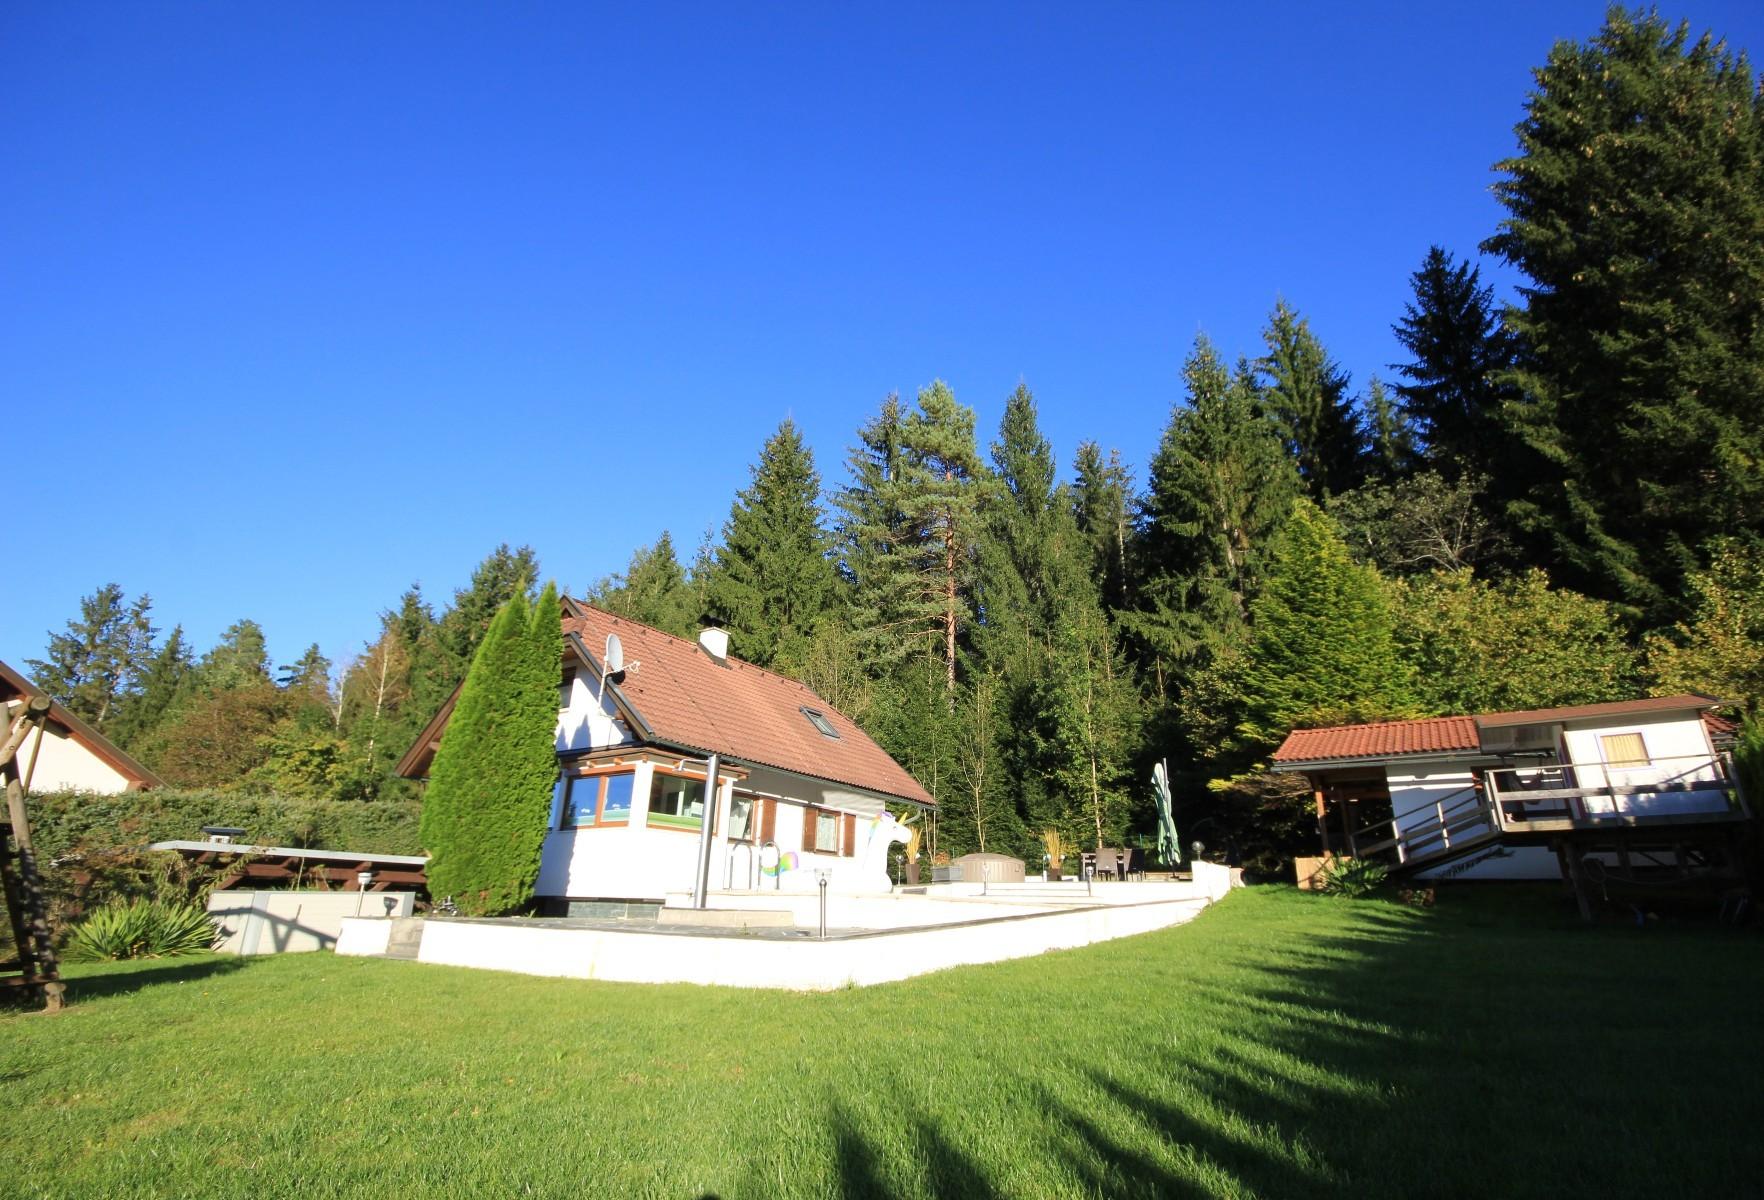 Reizendes Einfamilienhaus mit Swimmingpool in ruhiger Waldrandlage